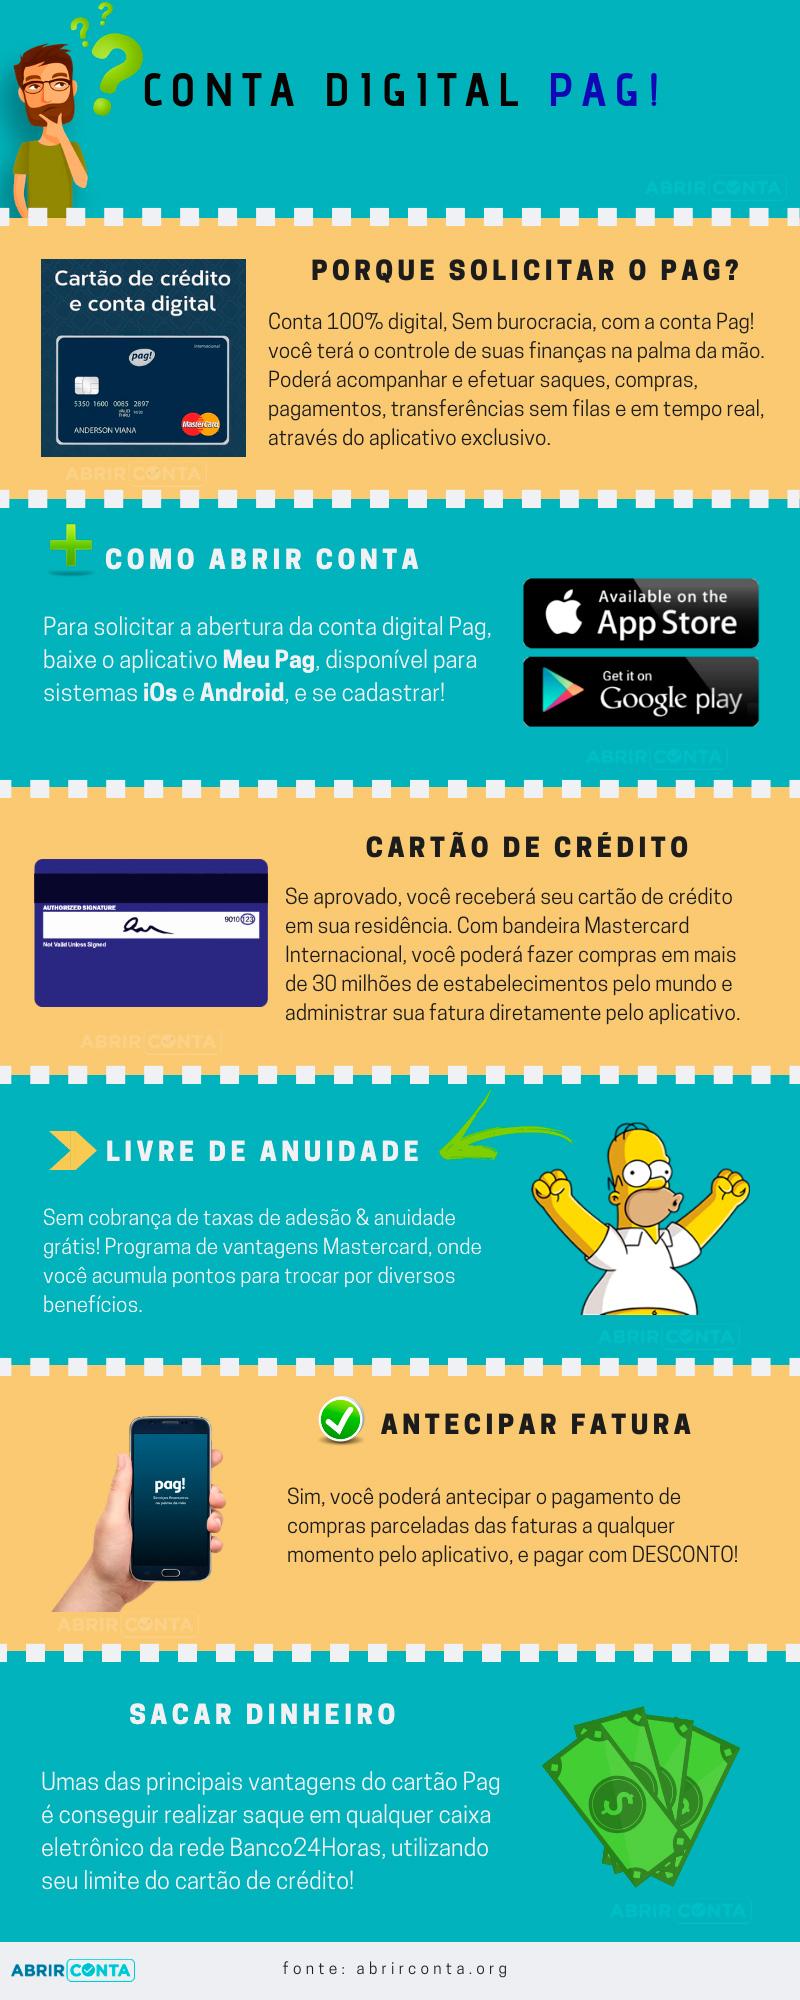 Abrir Conta e Cartão de Crédito Pag!